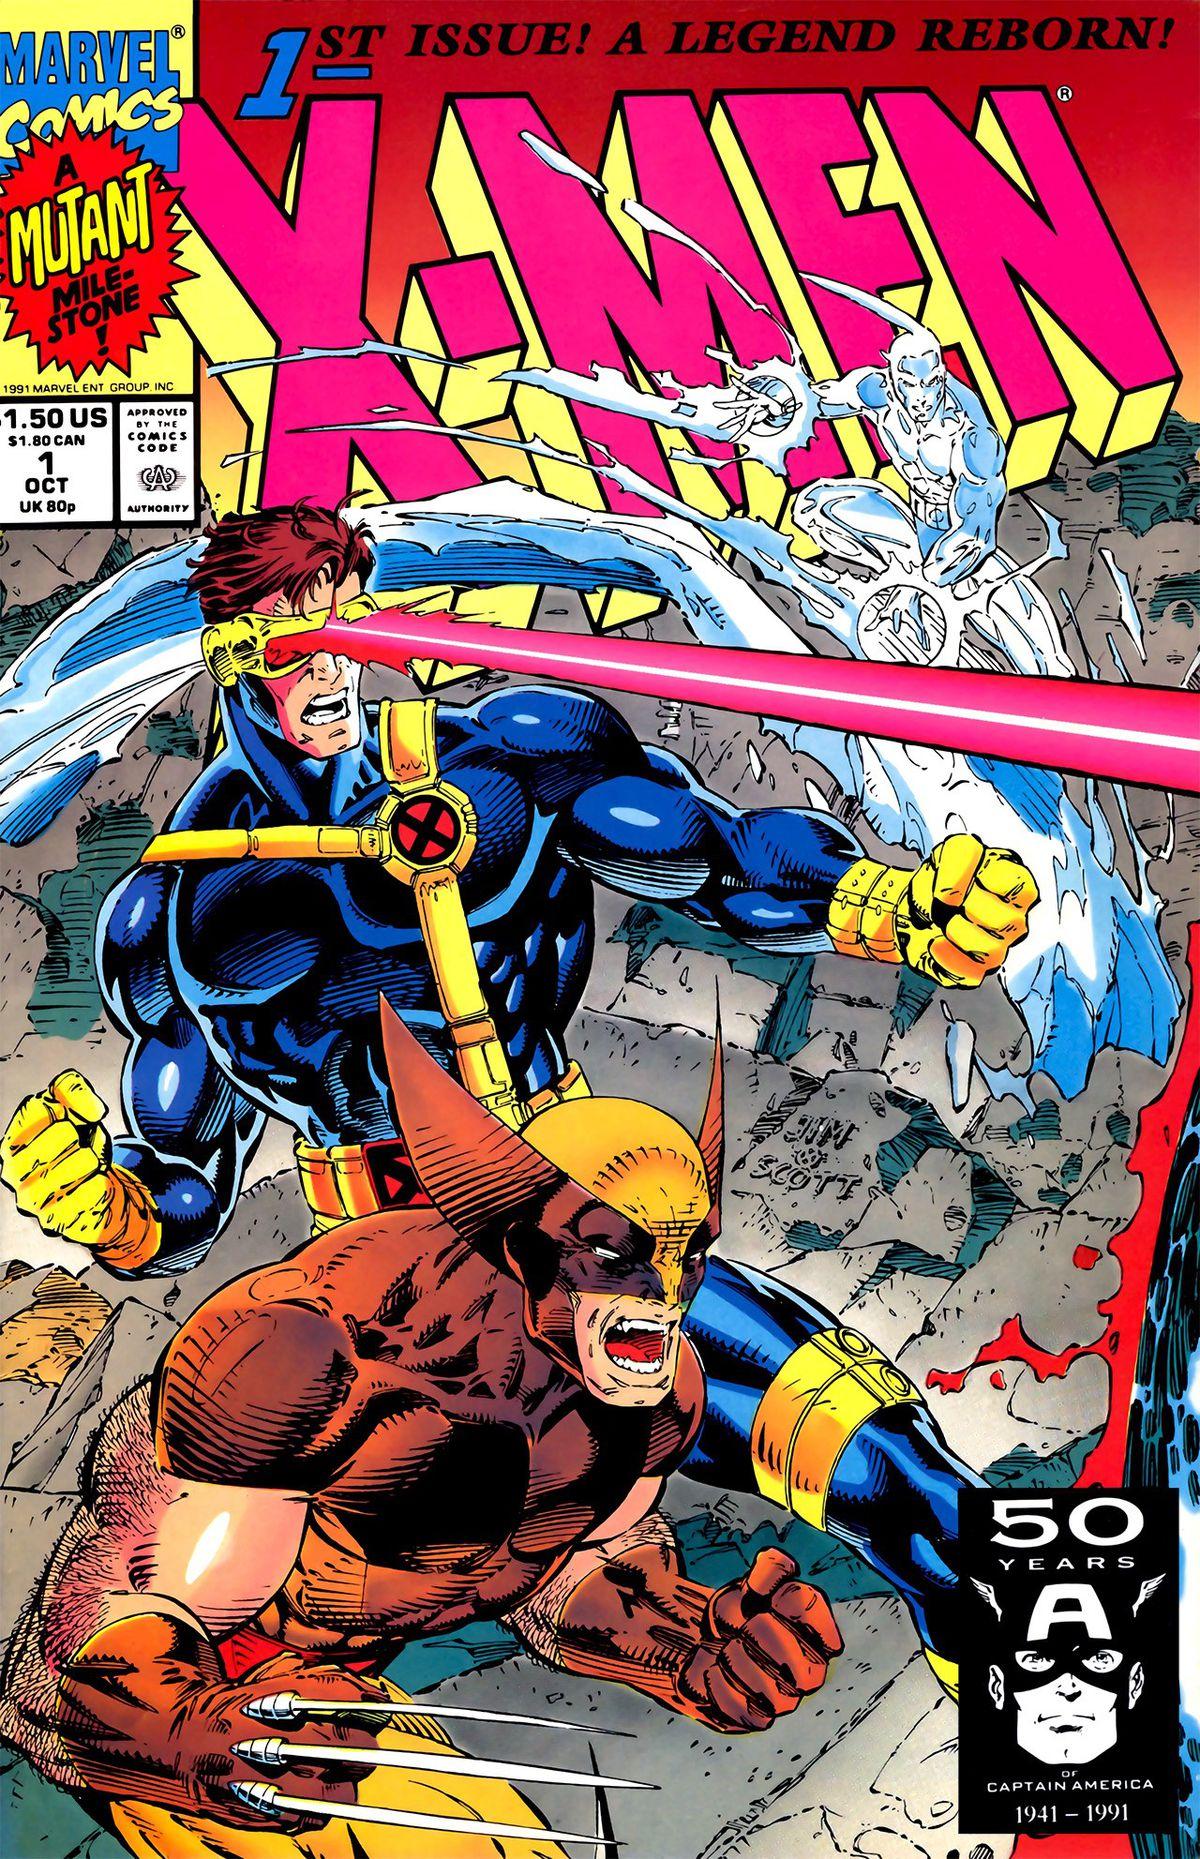 <em>'Spider-Man'</em> No. 1, '<em>X-Force'</em> No. 1, and '<em>X-Men' No. 1 (MarvelComics)</em>